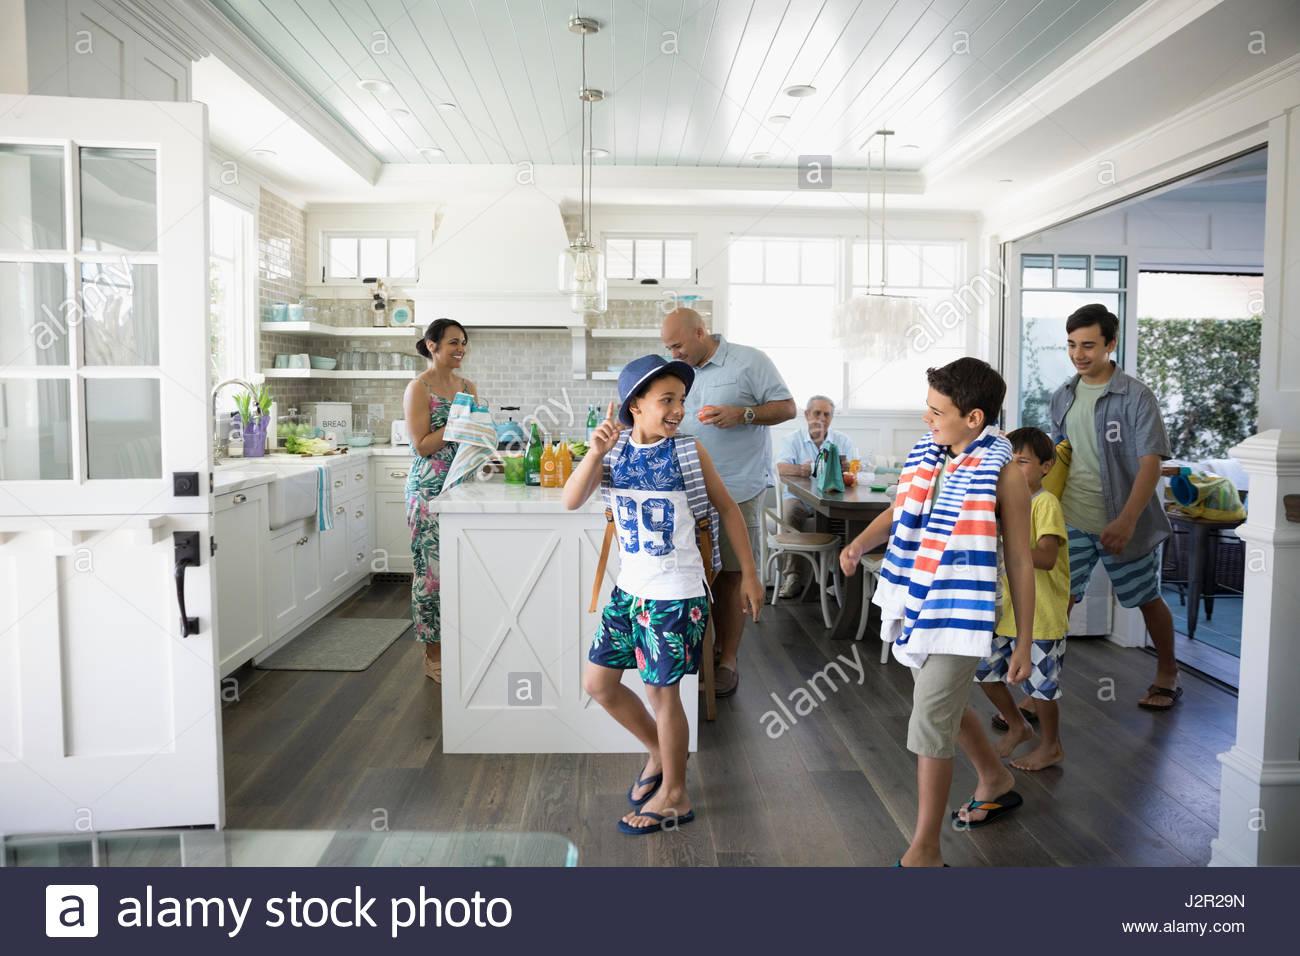 Frères en maillot de bain avec une serviette de plage laissant beach house Photo Stock